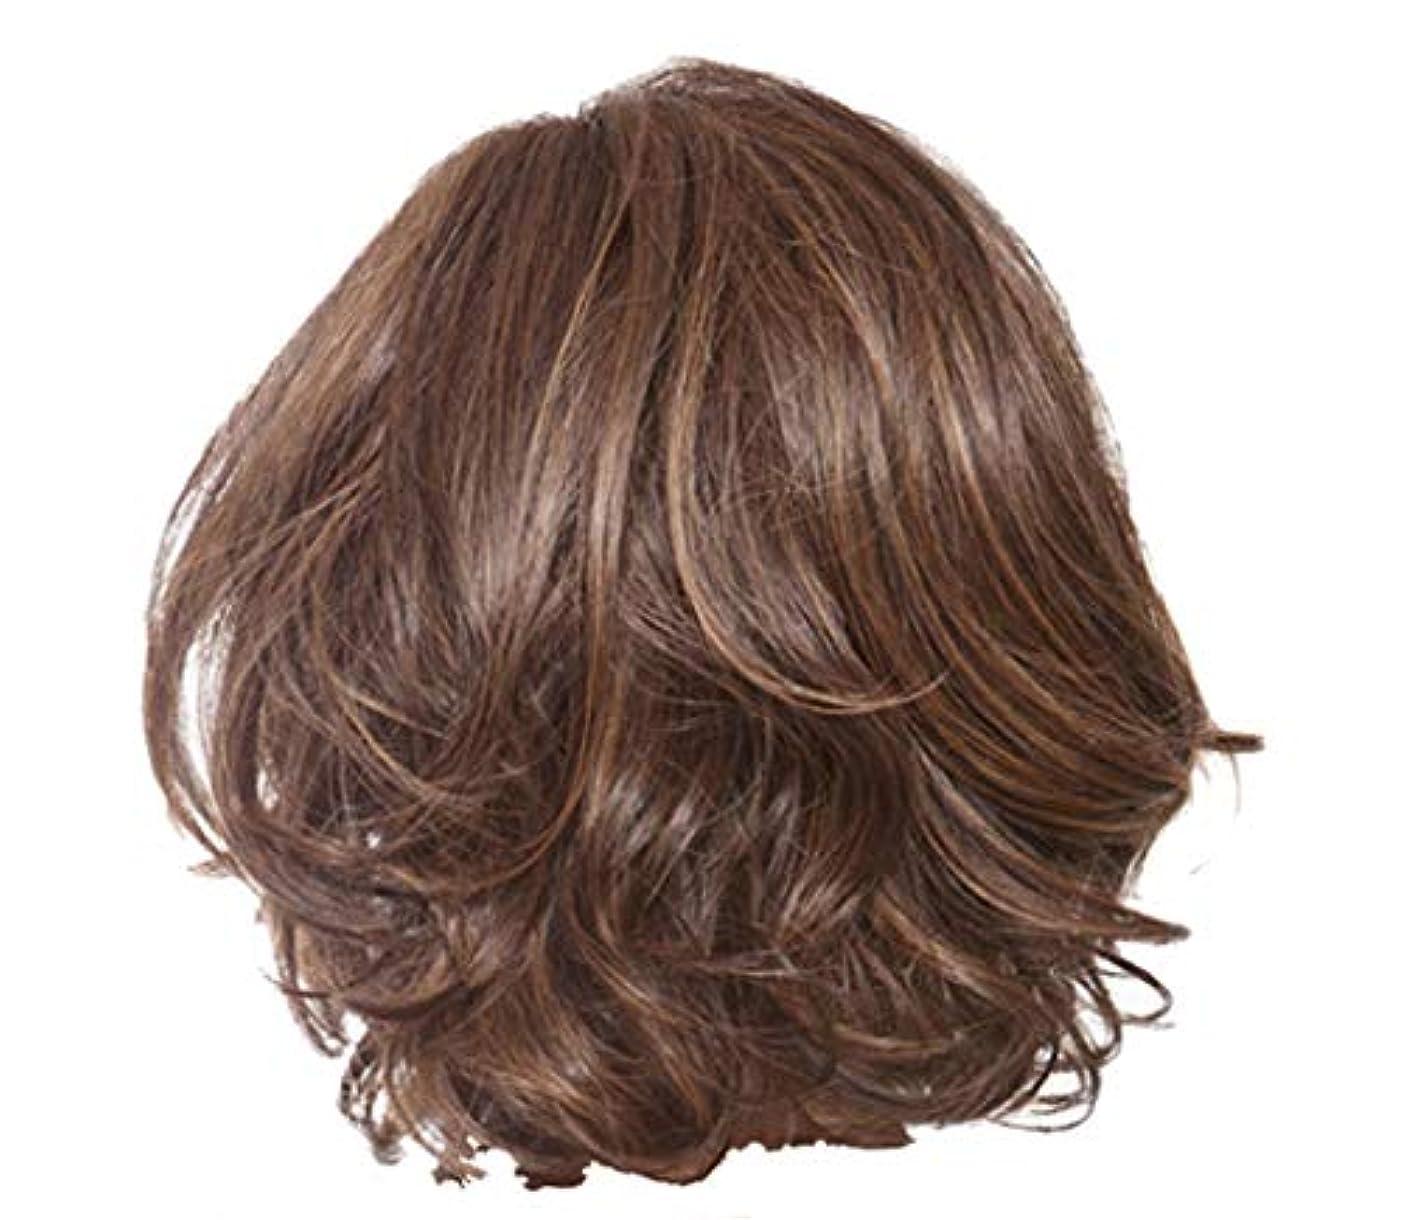 密輸インテリアさようならウィッグ女性のセクシーな短い巻き毛のかつらクールなハンサムなかつら36 cm